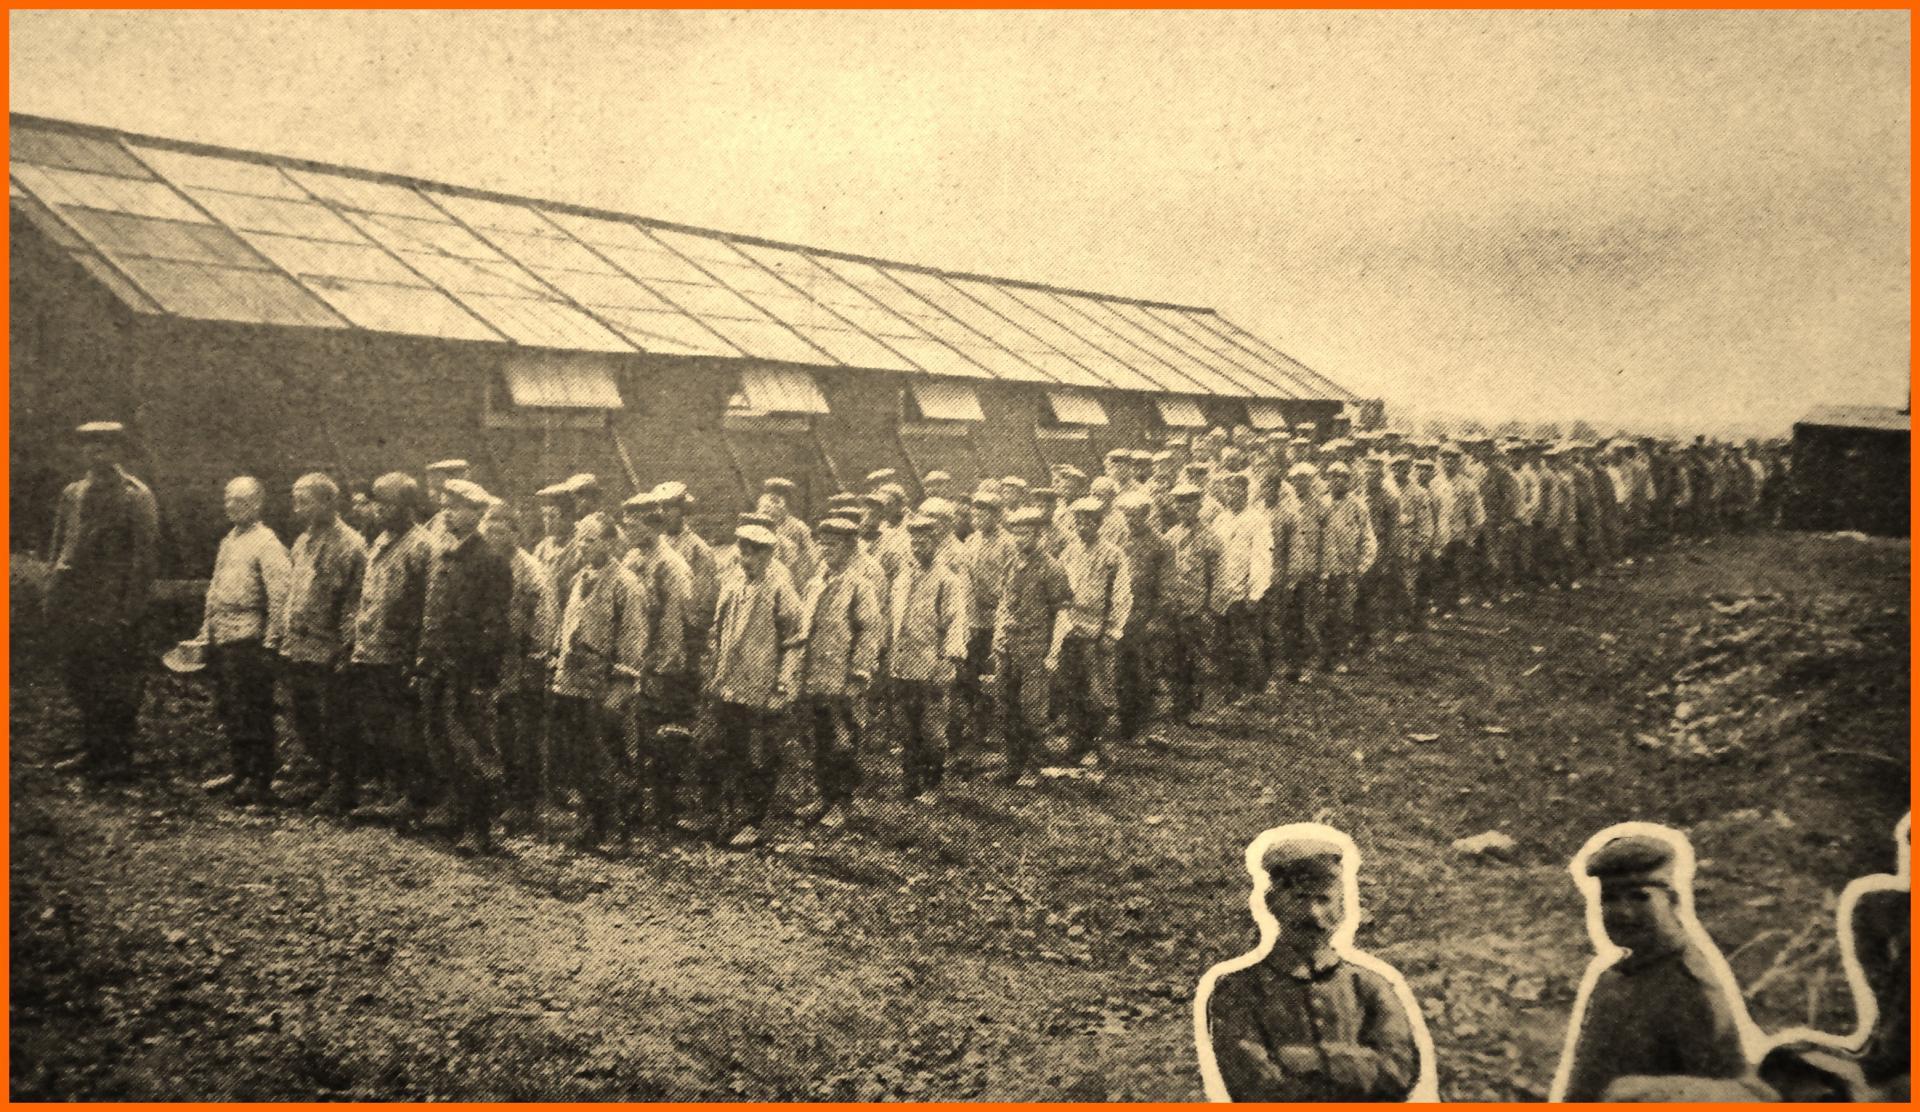 Calais 14 18 prisonniers allemands partant au travail dans les depots anglais du camp retranche de calais encadre